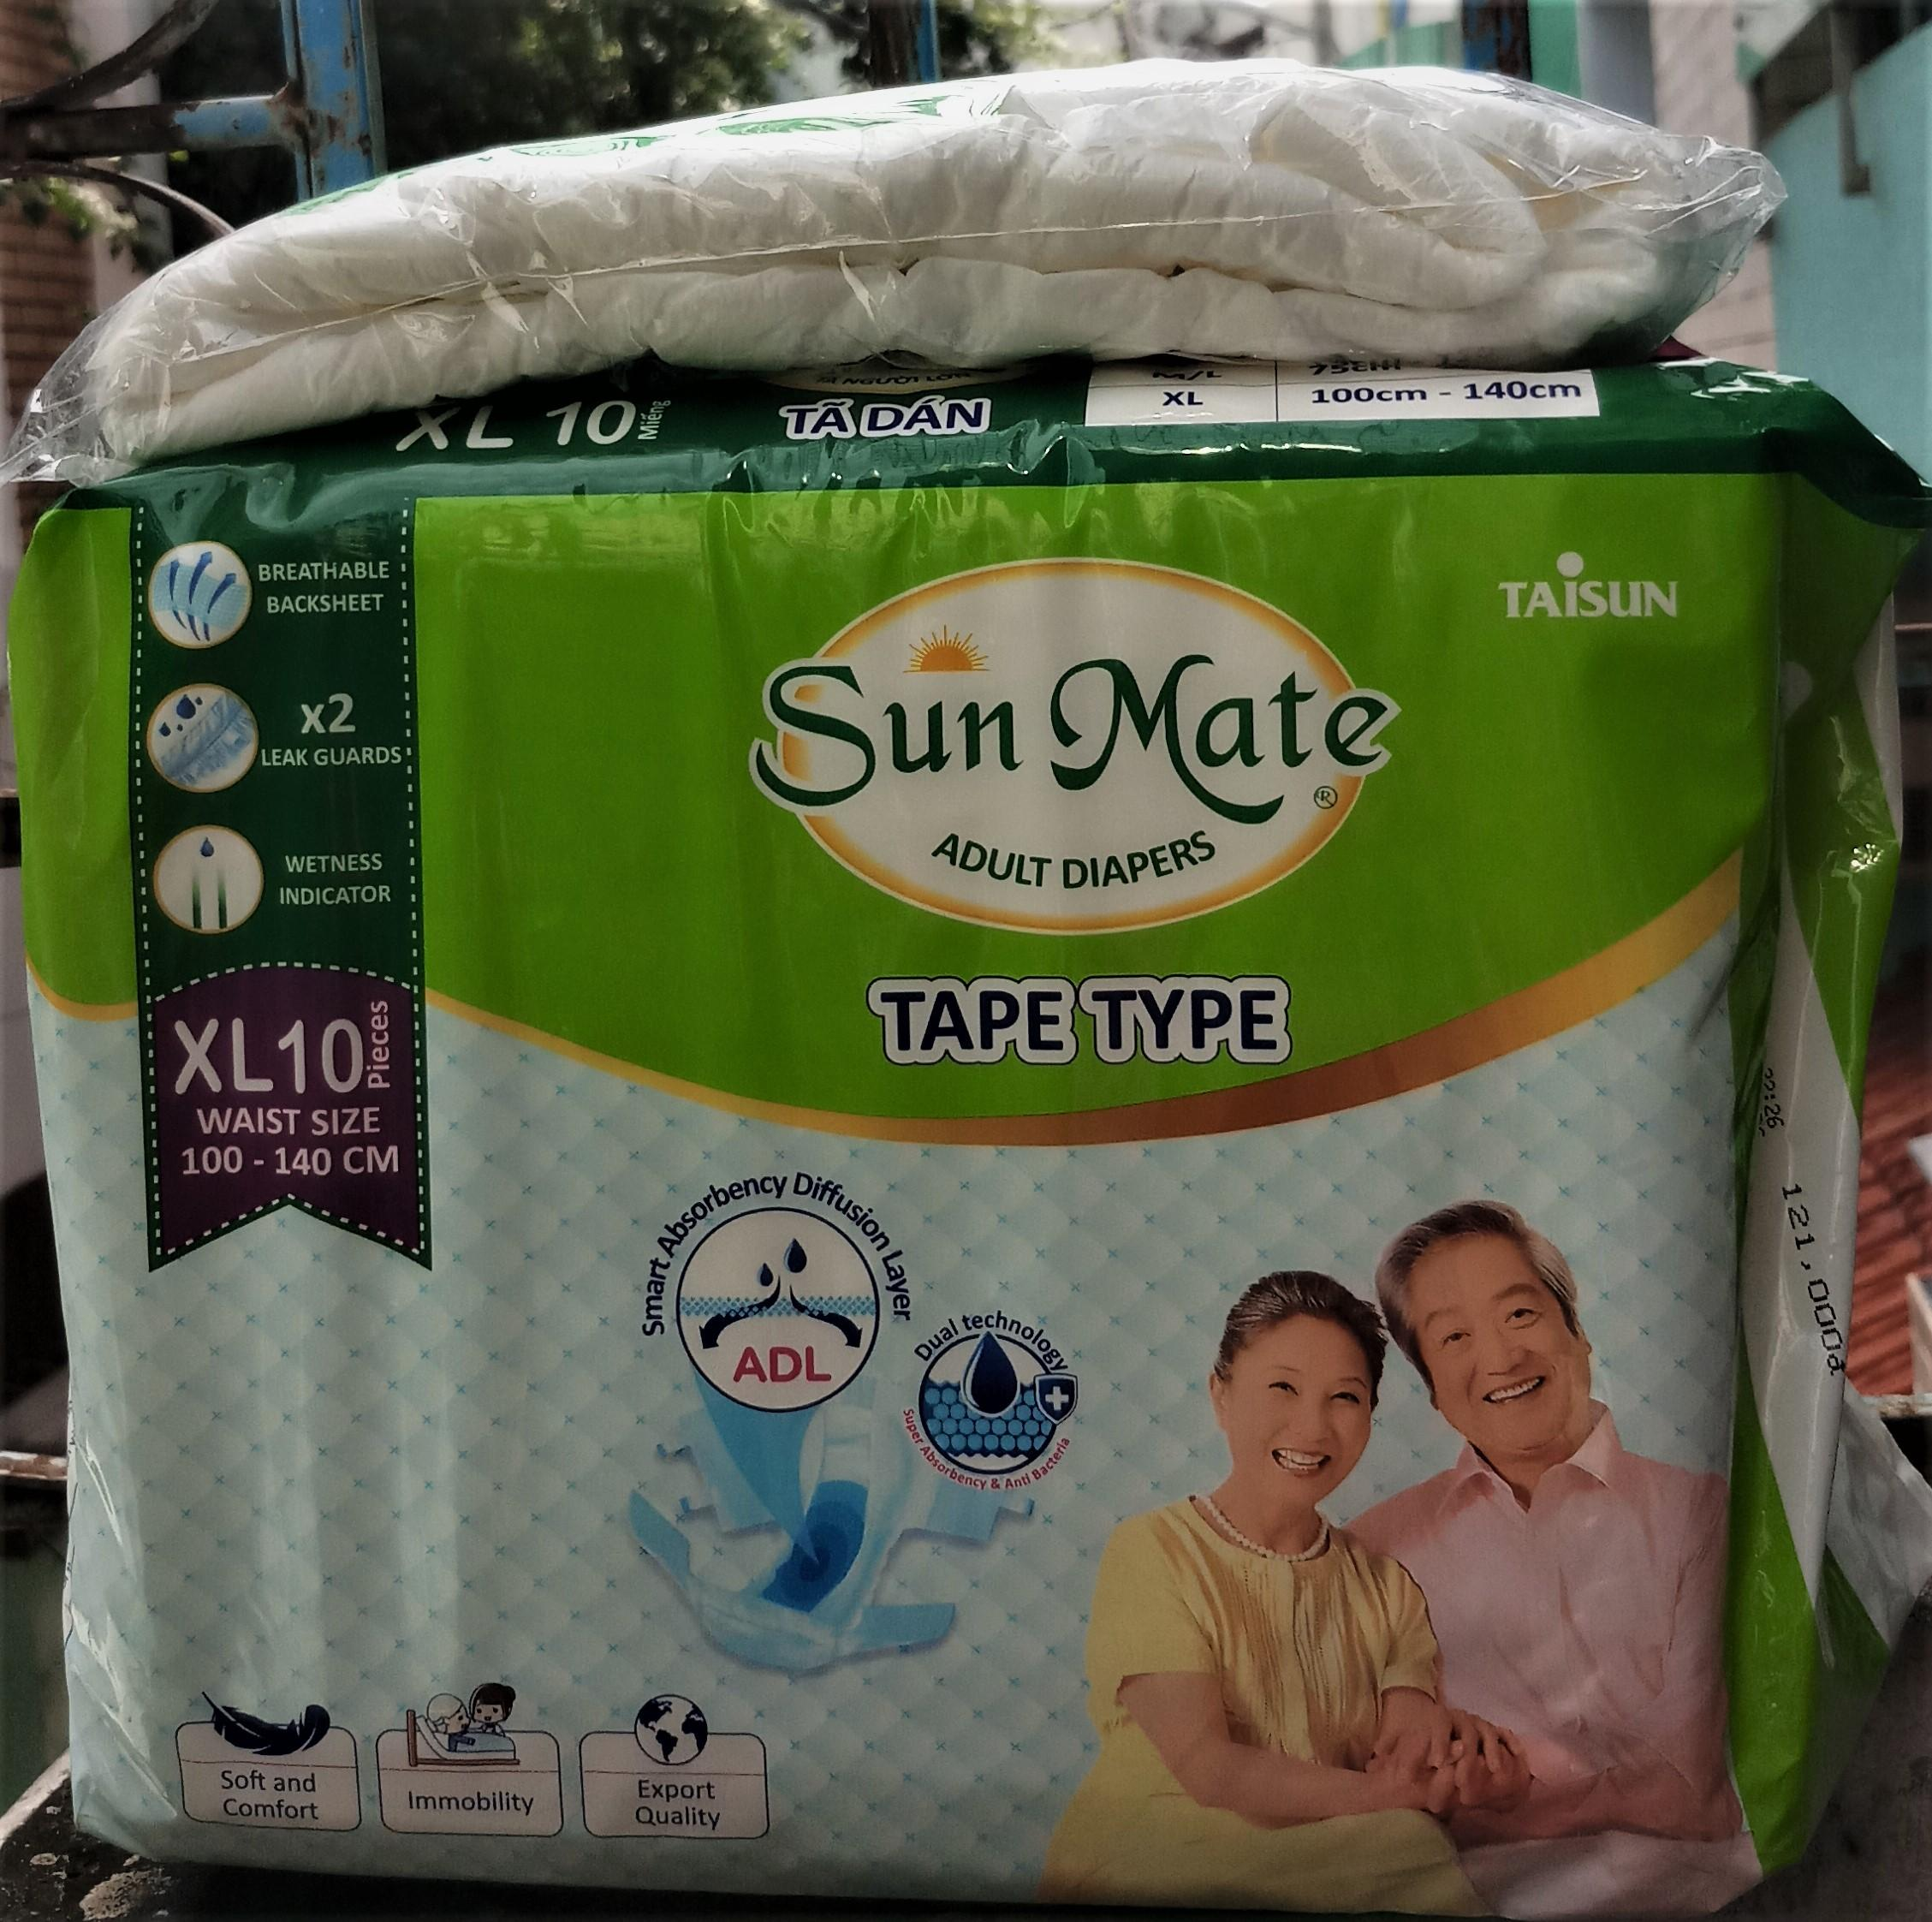 Tã dán SunMate Mẫu mới XL10 vòng bụng 100-140cm+tặng kèm 1 miếng nhập khẩu